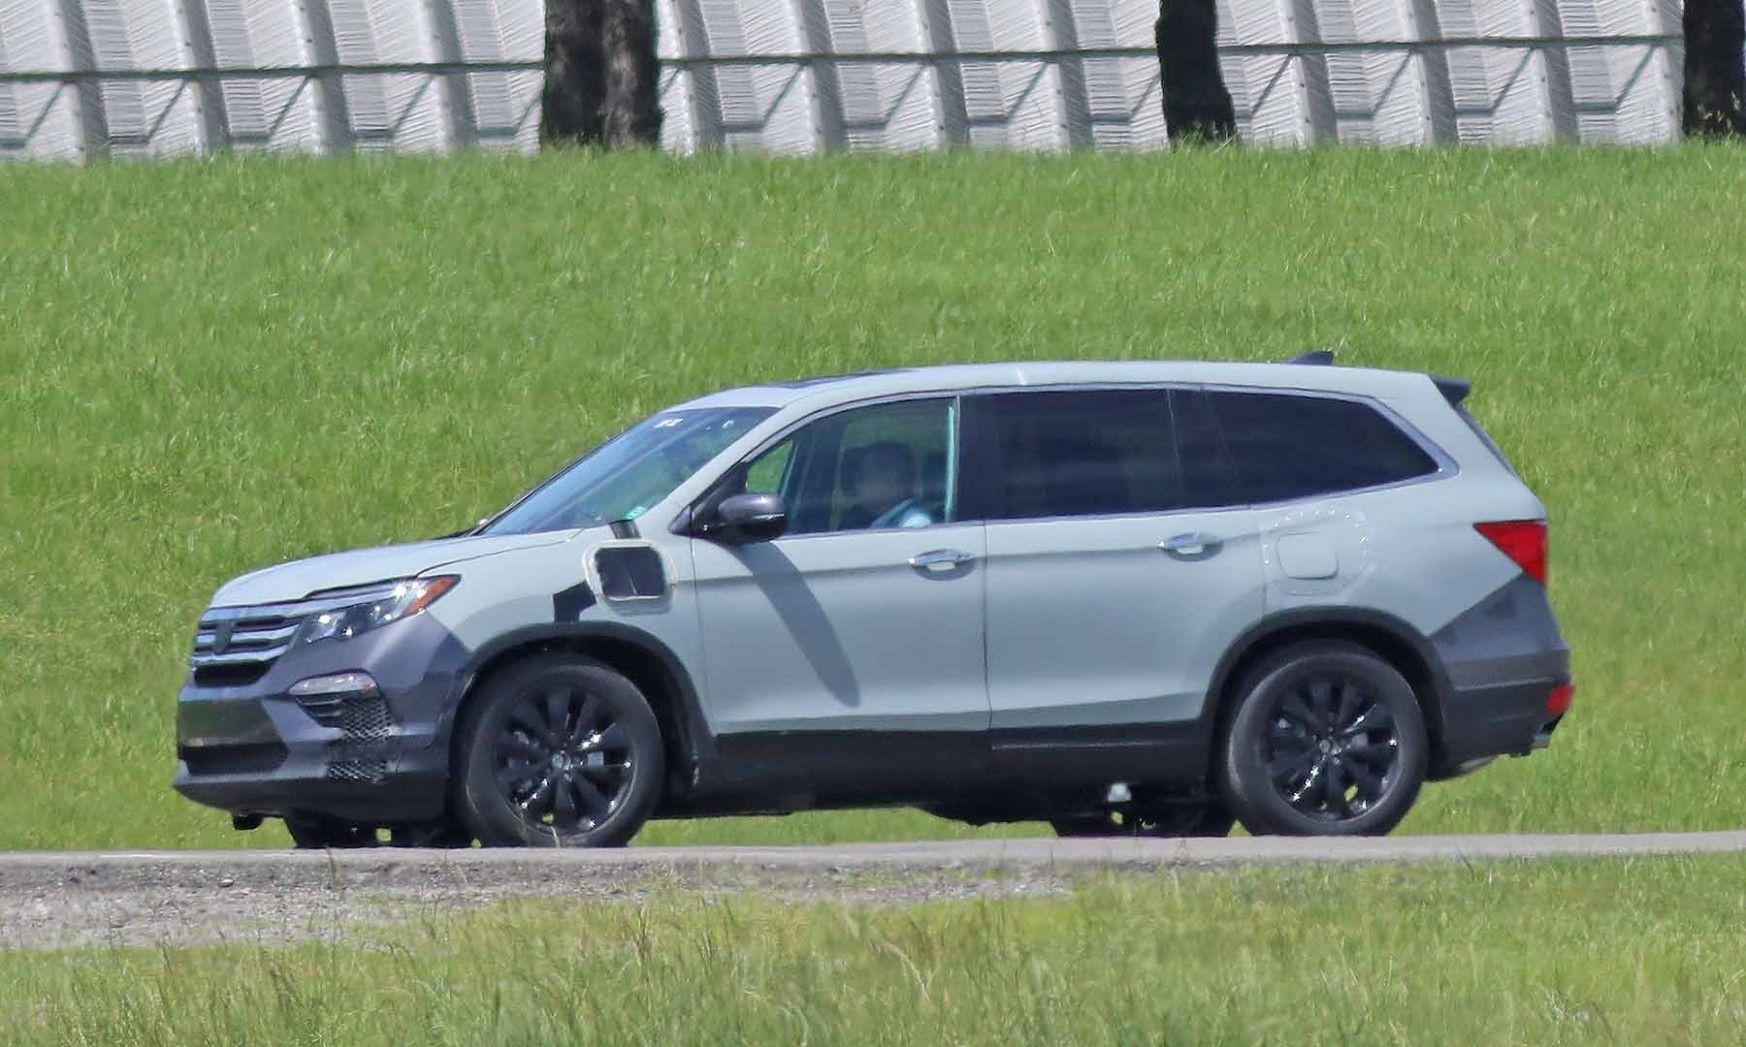 2020 Honda Pilot Spy Opinions 2020 Honda Pilot Spy Reviews ...